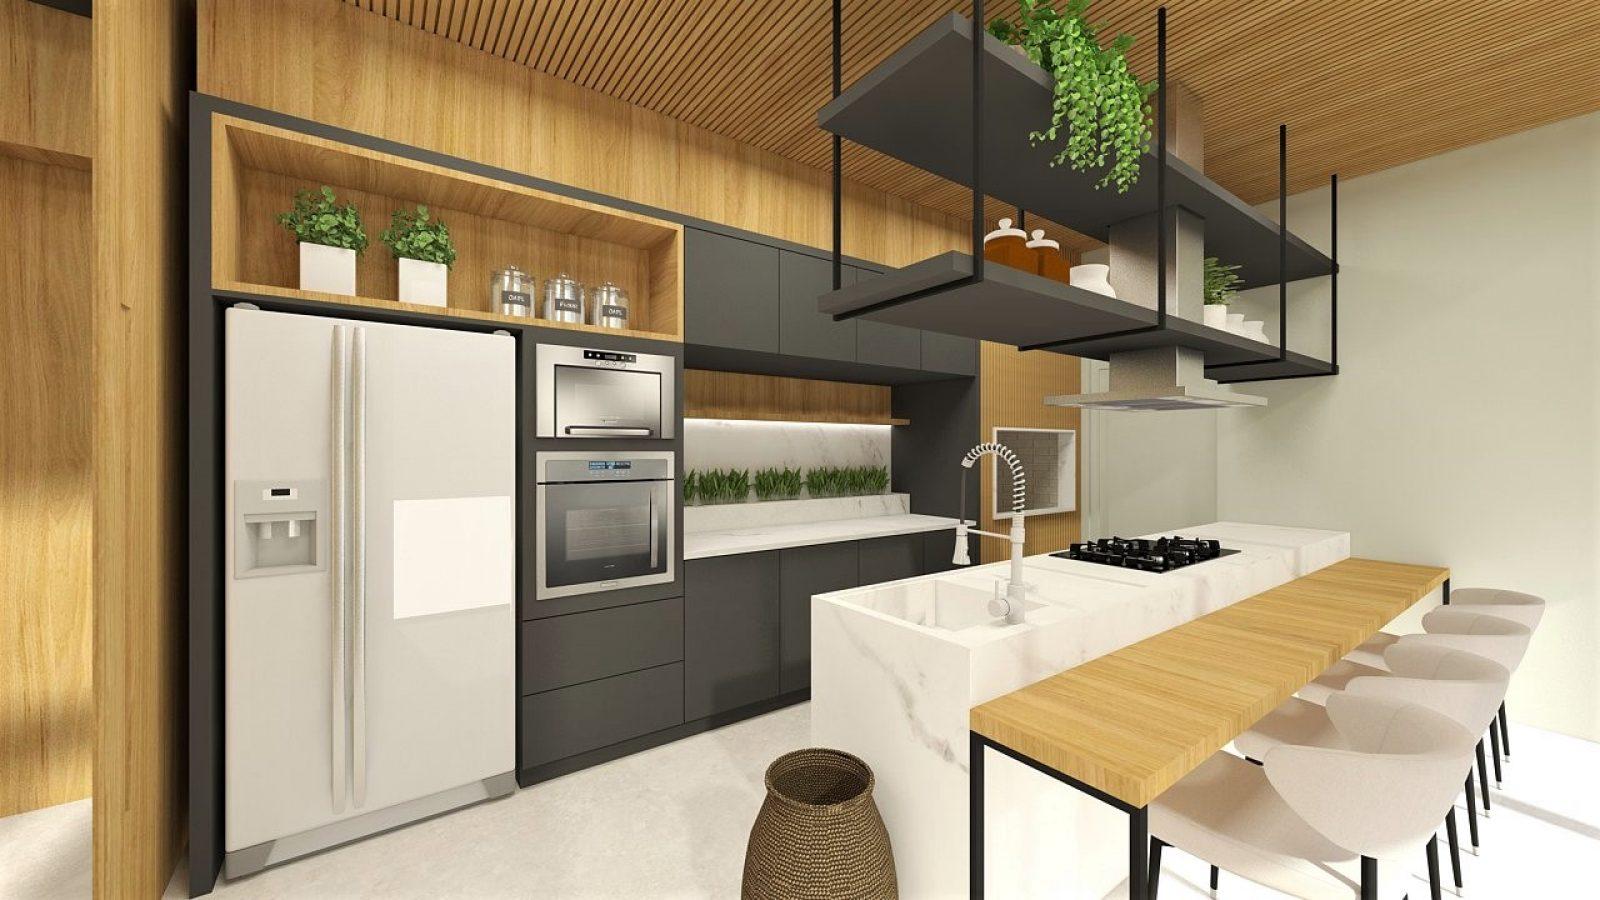 Cozinha com geladeira, forno elétrico, pia e balcão central. Acabamento em madeira, cadeiras brancas e plantas suspensas.